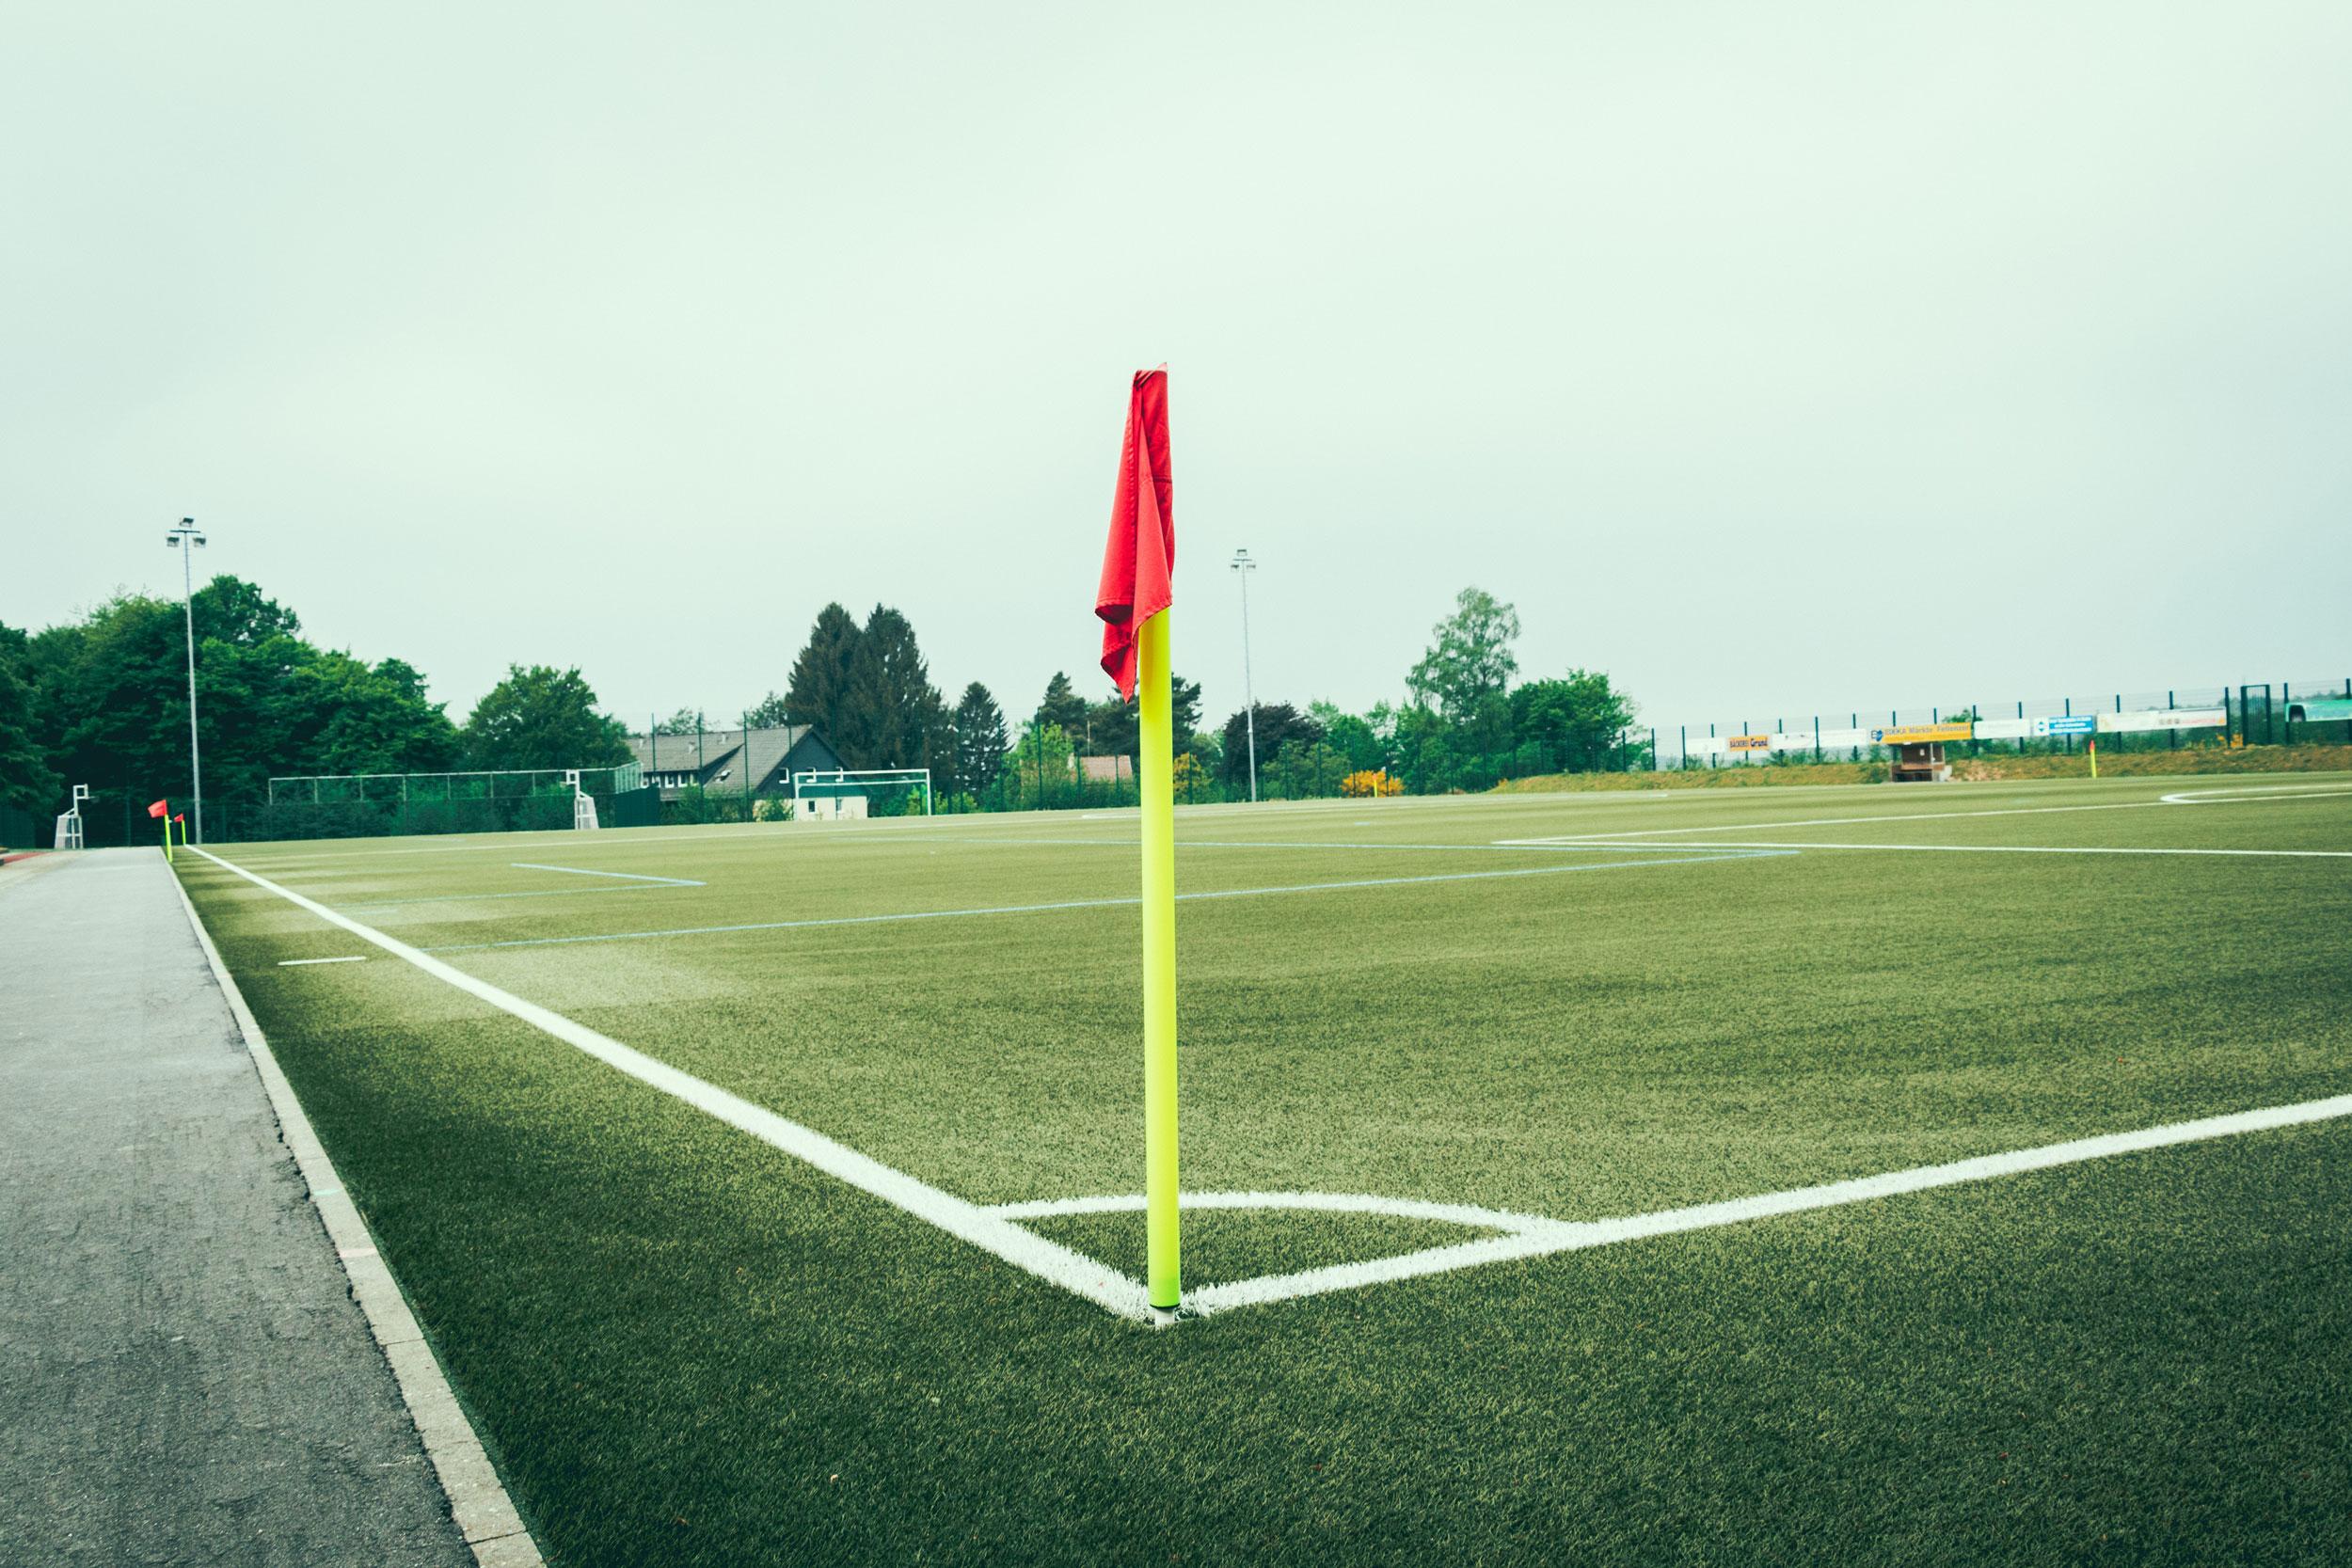 Führung Sport - Warum wir nicht richtig führen können (Teil 5)